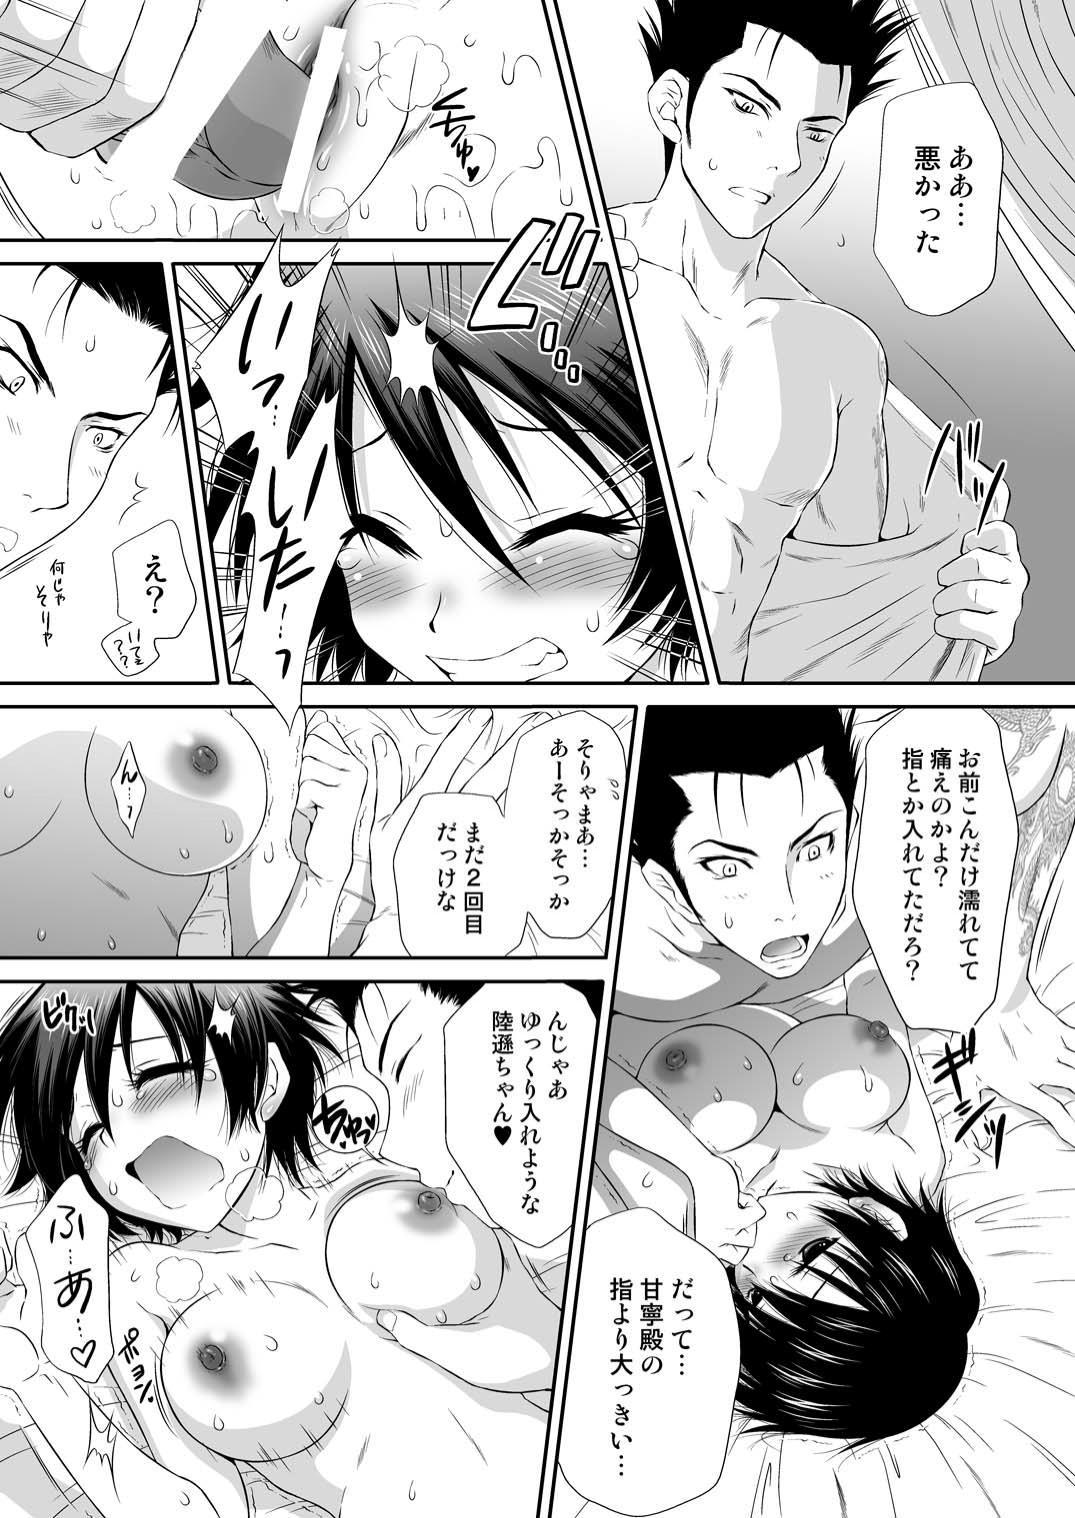 [U.R.C (MOMOYA SHOW-NEKO)] Himitsu no Rikuson-chan (Shin Sangoku Musou (Dynasty Warriors)) 17